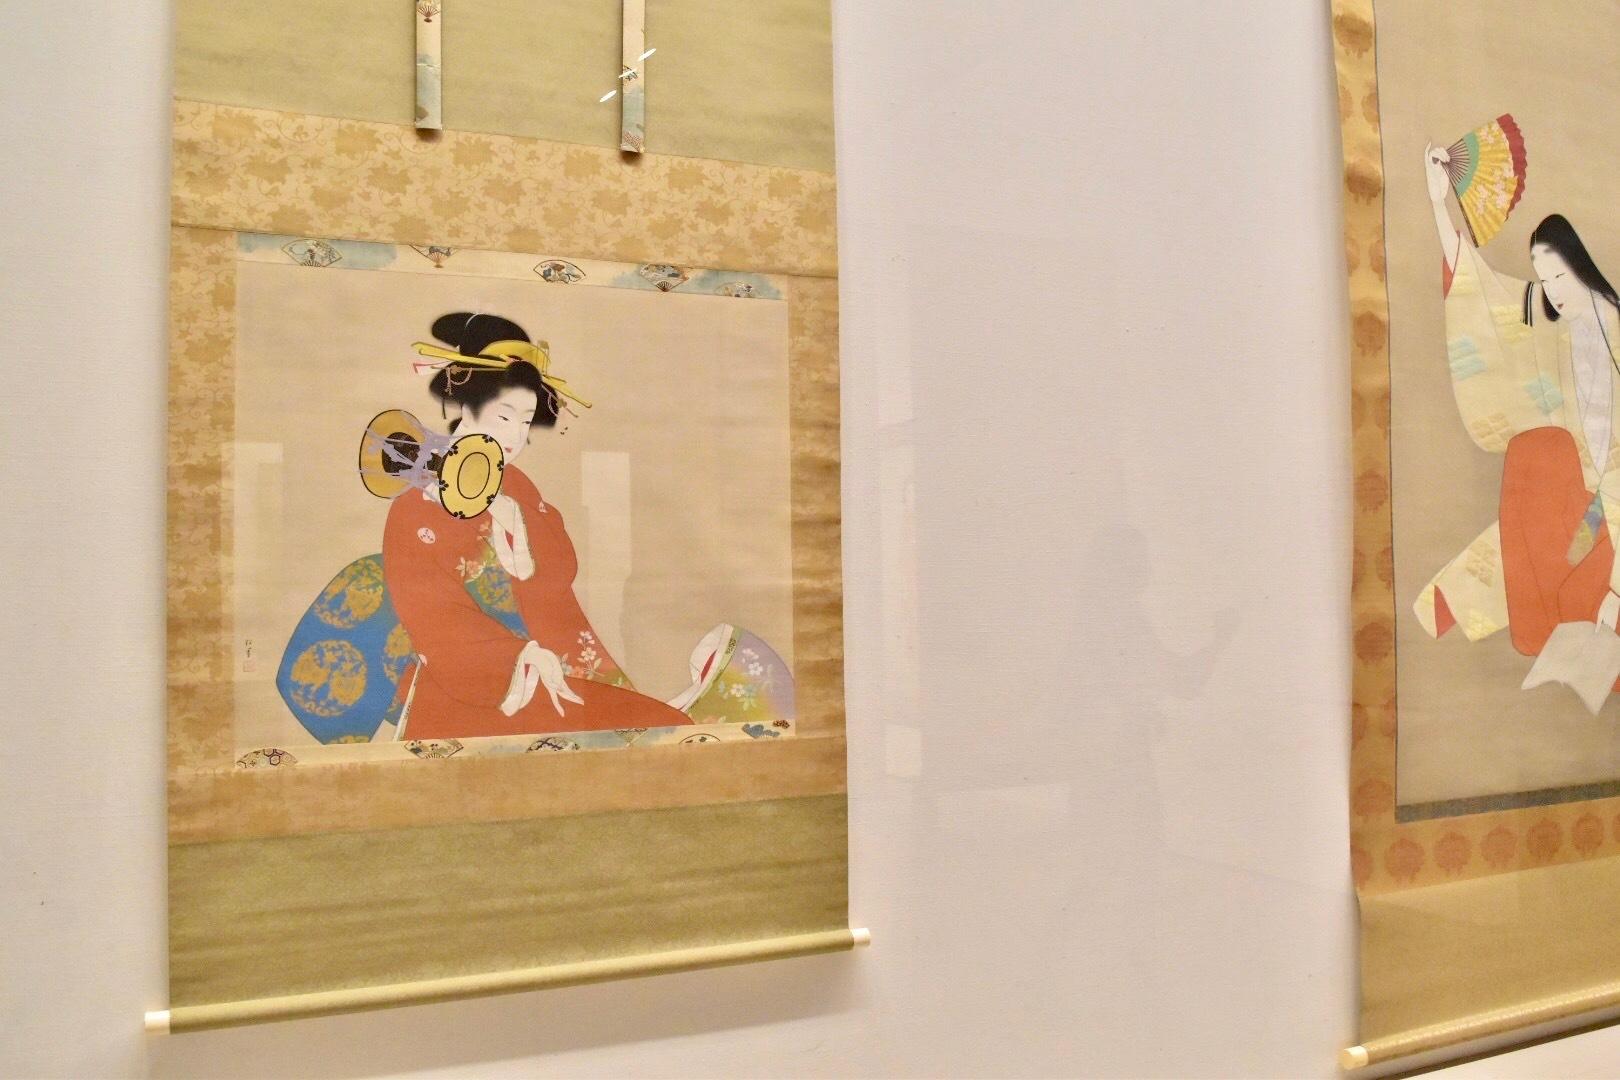 左:上村松園 《鼓の音》 昭和15年 松伯美術館蔵 右奥:上村松園 《草紙洗小町》 昭和12年 東京藝術大学蔵